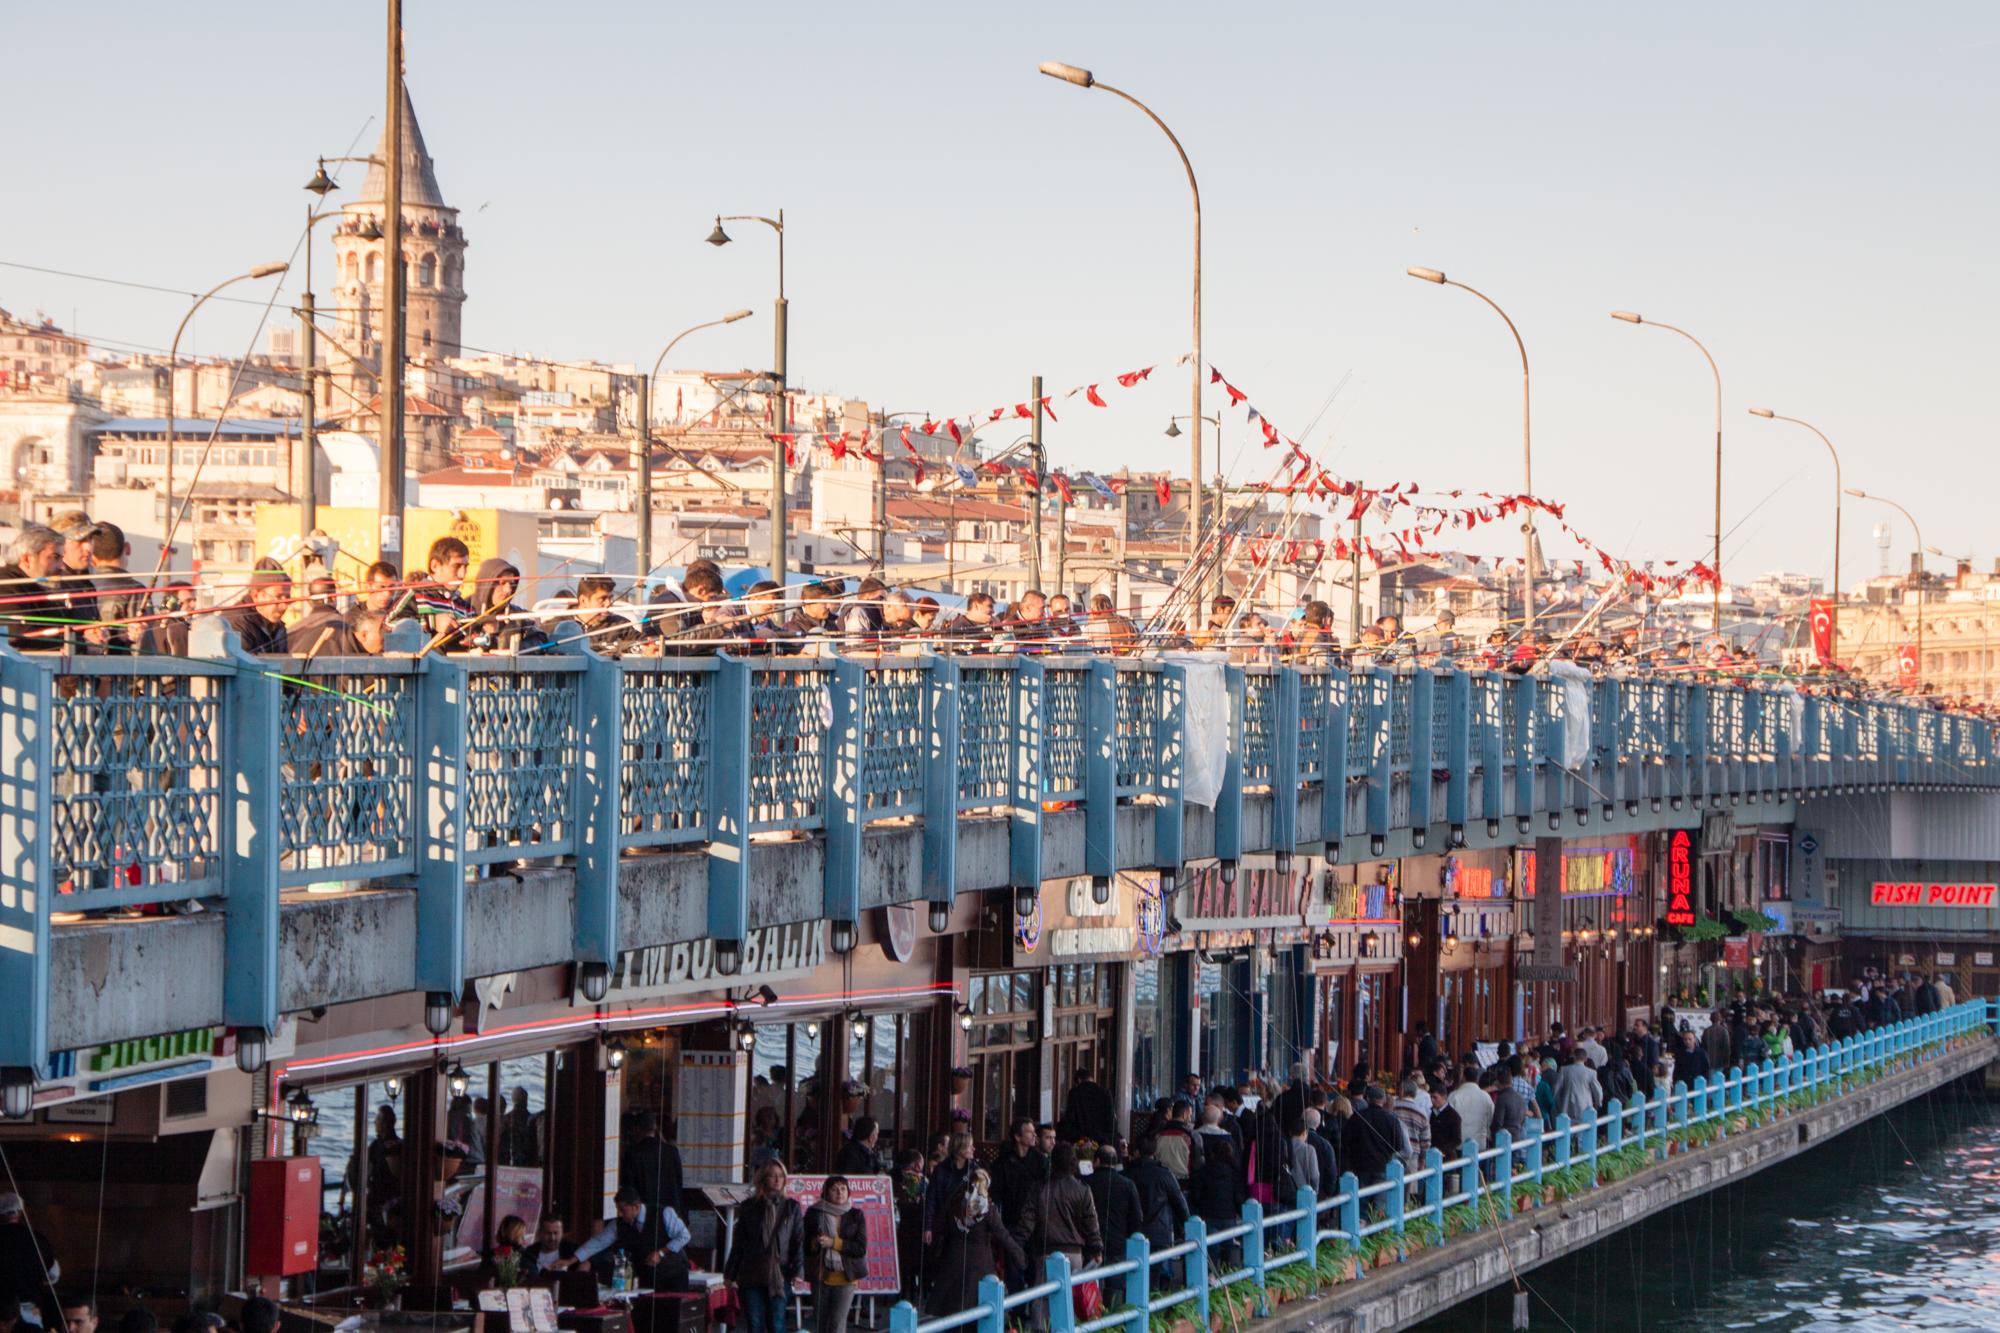 Bridge over the Bosphorus Strait